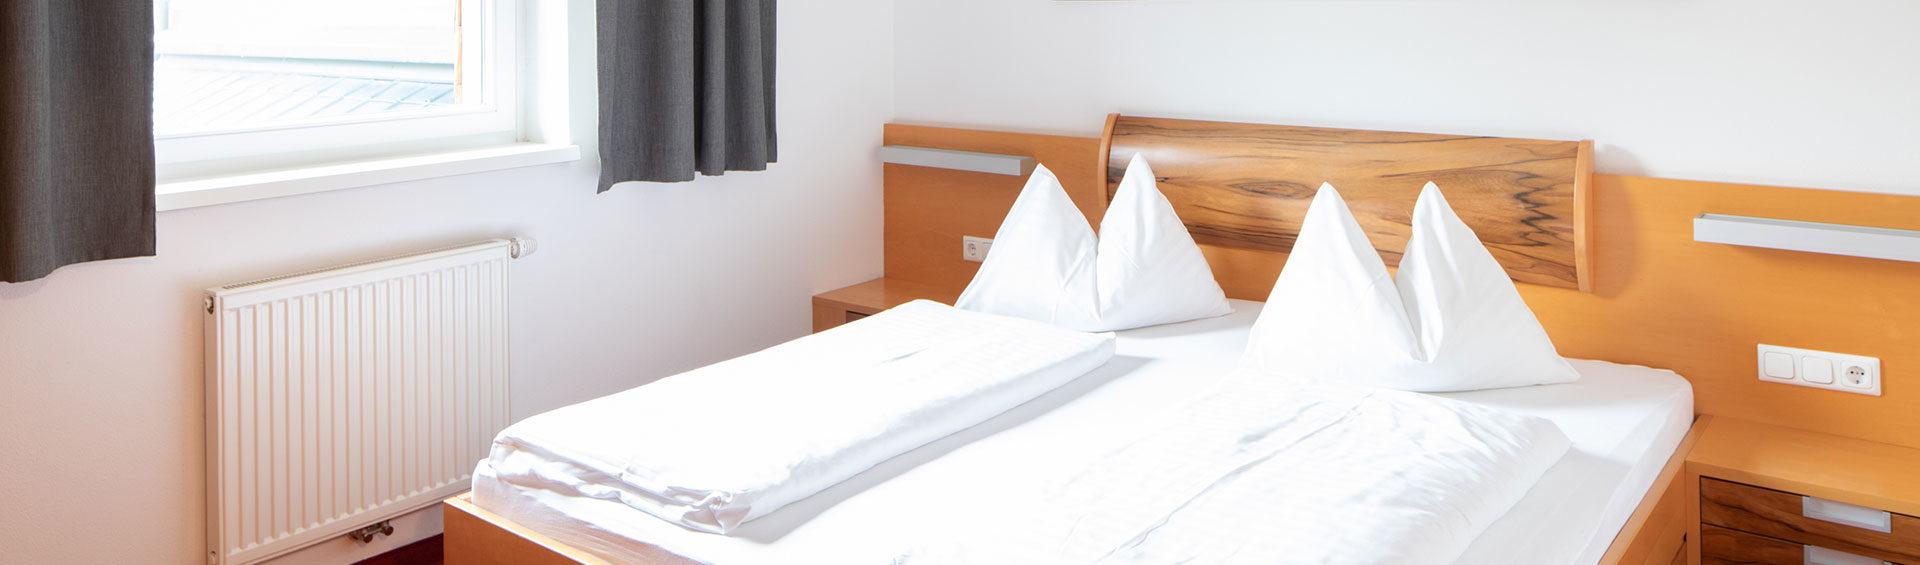 Ausstattung Sunshine Appartements Ferienwohnungen Obertauern 1